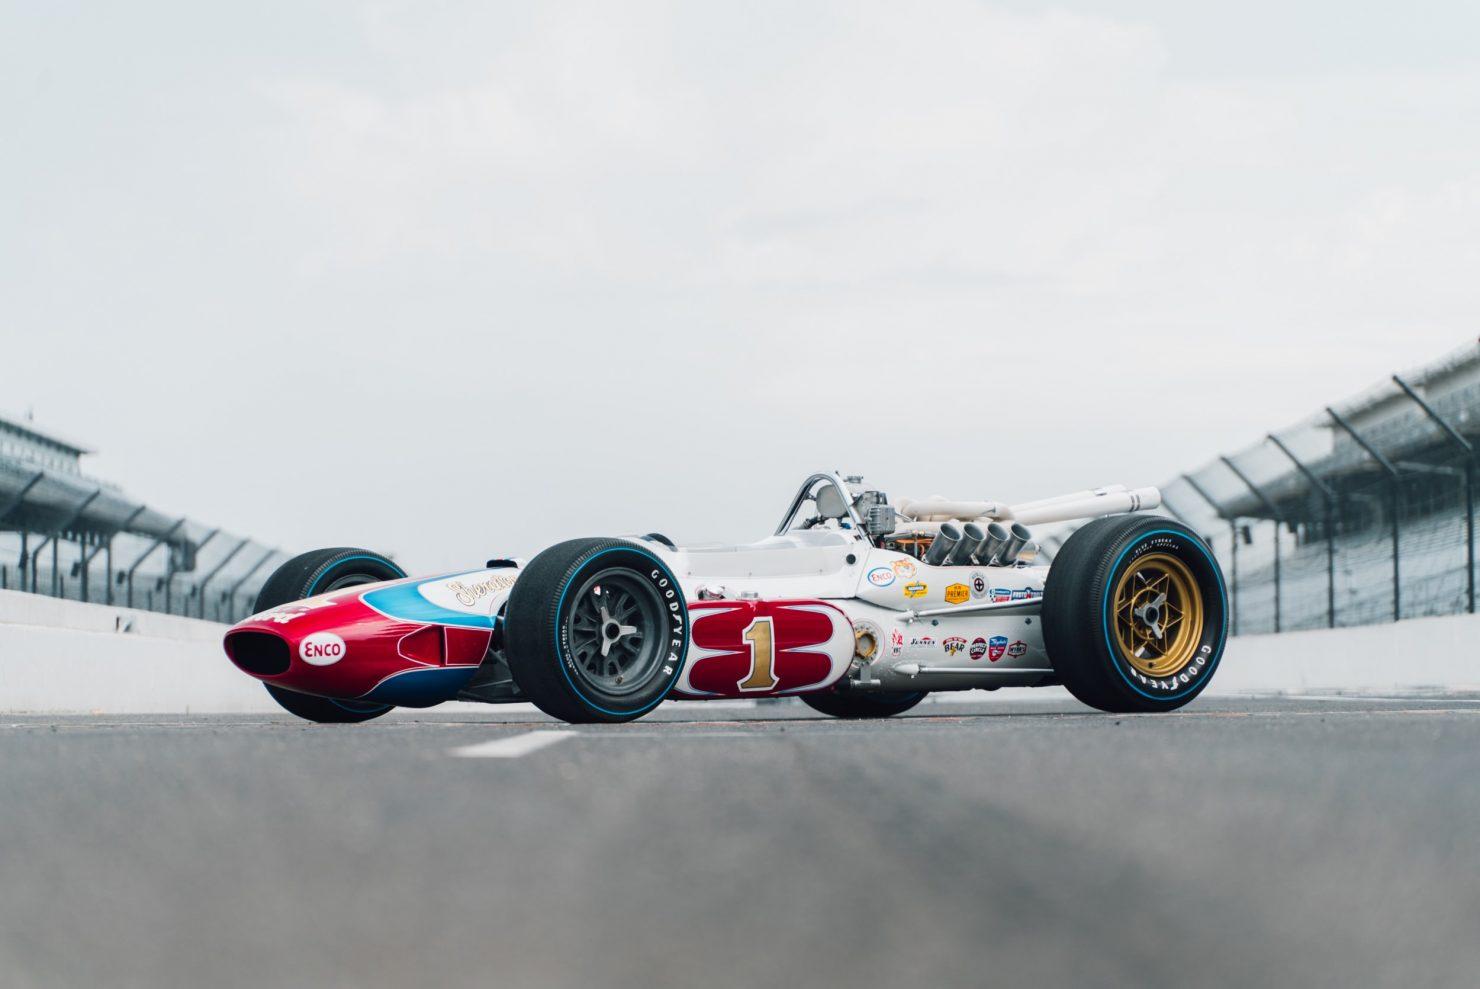 lotus type 34 indy 500 car 5 1480x989 - 1964 Lotus Type 34